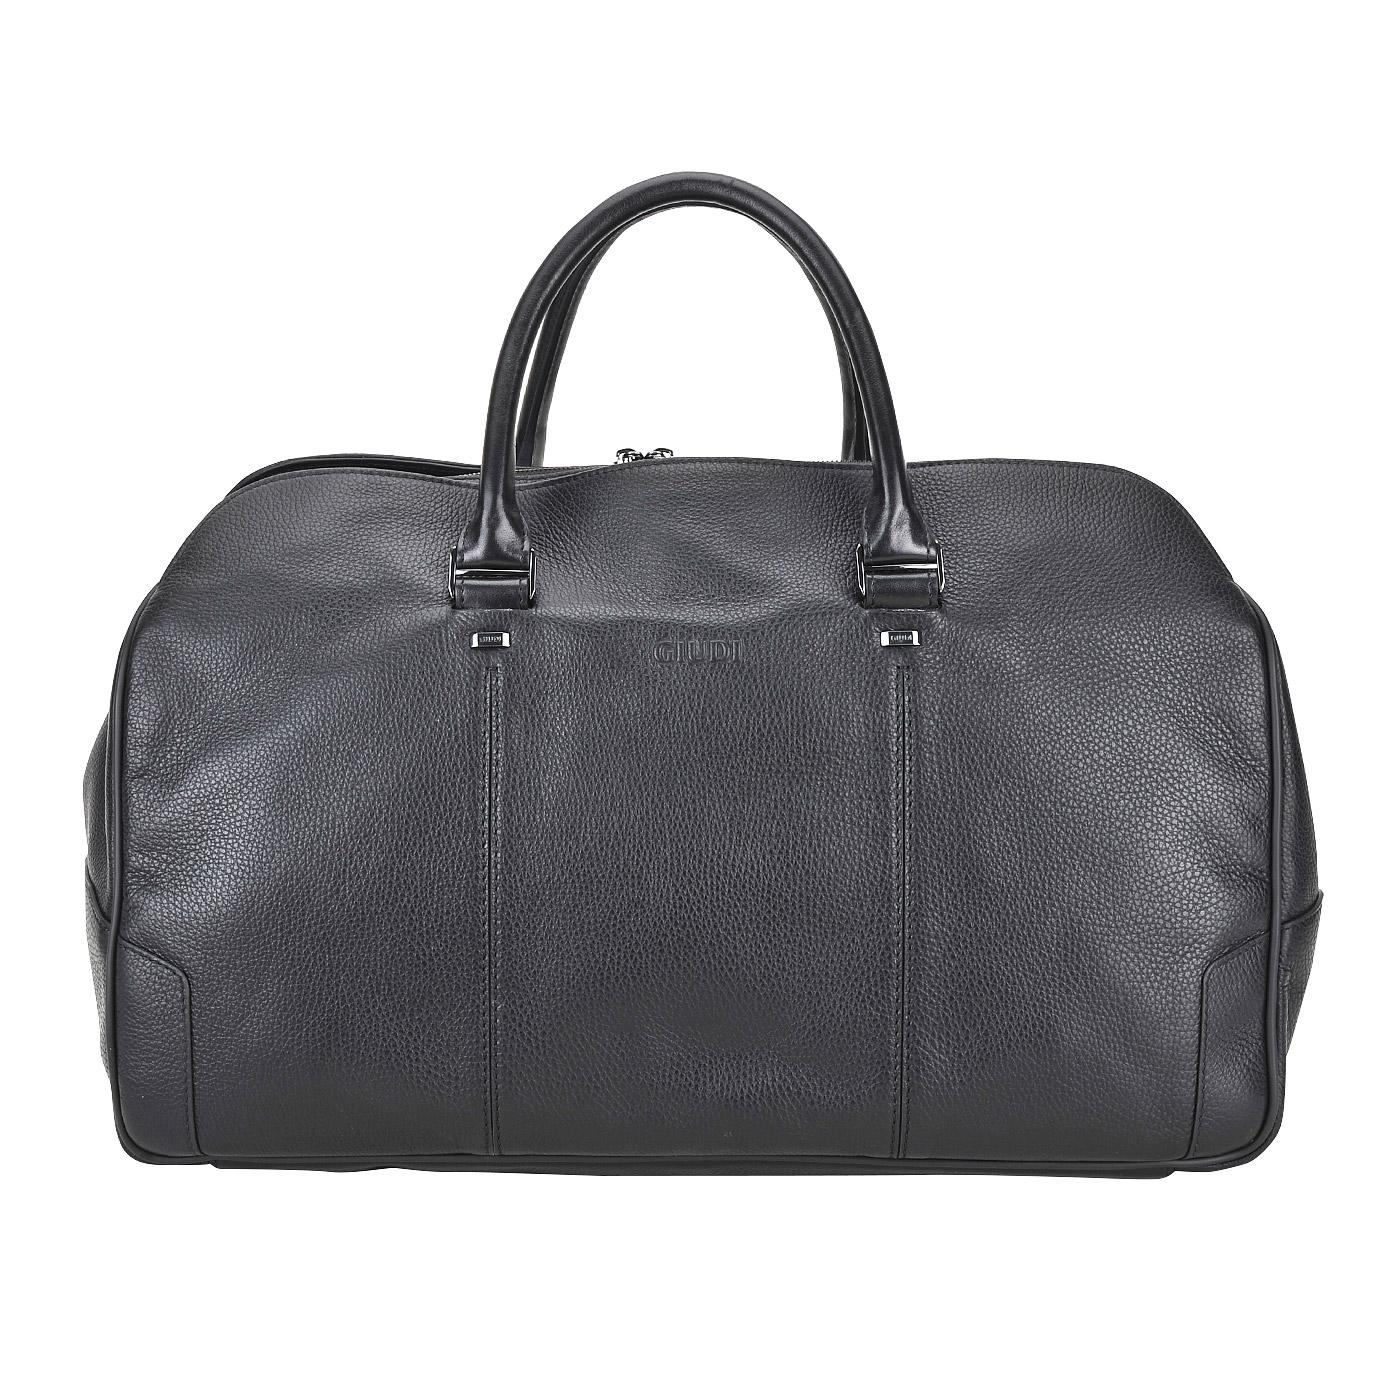 Сумка дорожнаяДорожные сумки<br>Съемный регулируемый плечевой ремешок. Закрывается на молнию. Внутри одно отделение, в котором карман на молнии и карман-сетка на молнии.<br><br>count_sale: 0<br>new: 1<br>sale: 0